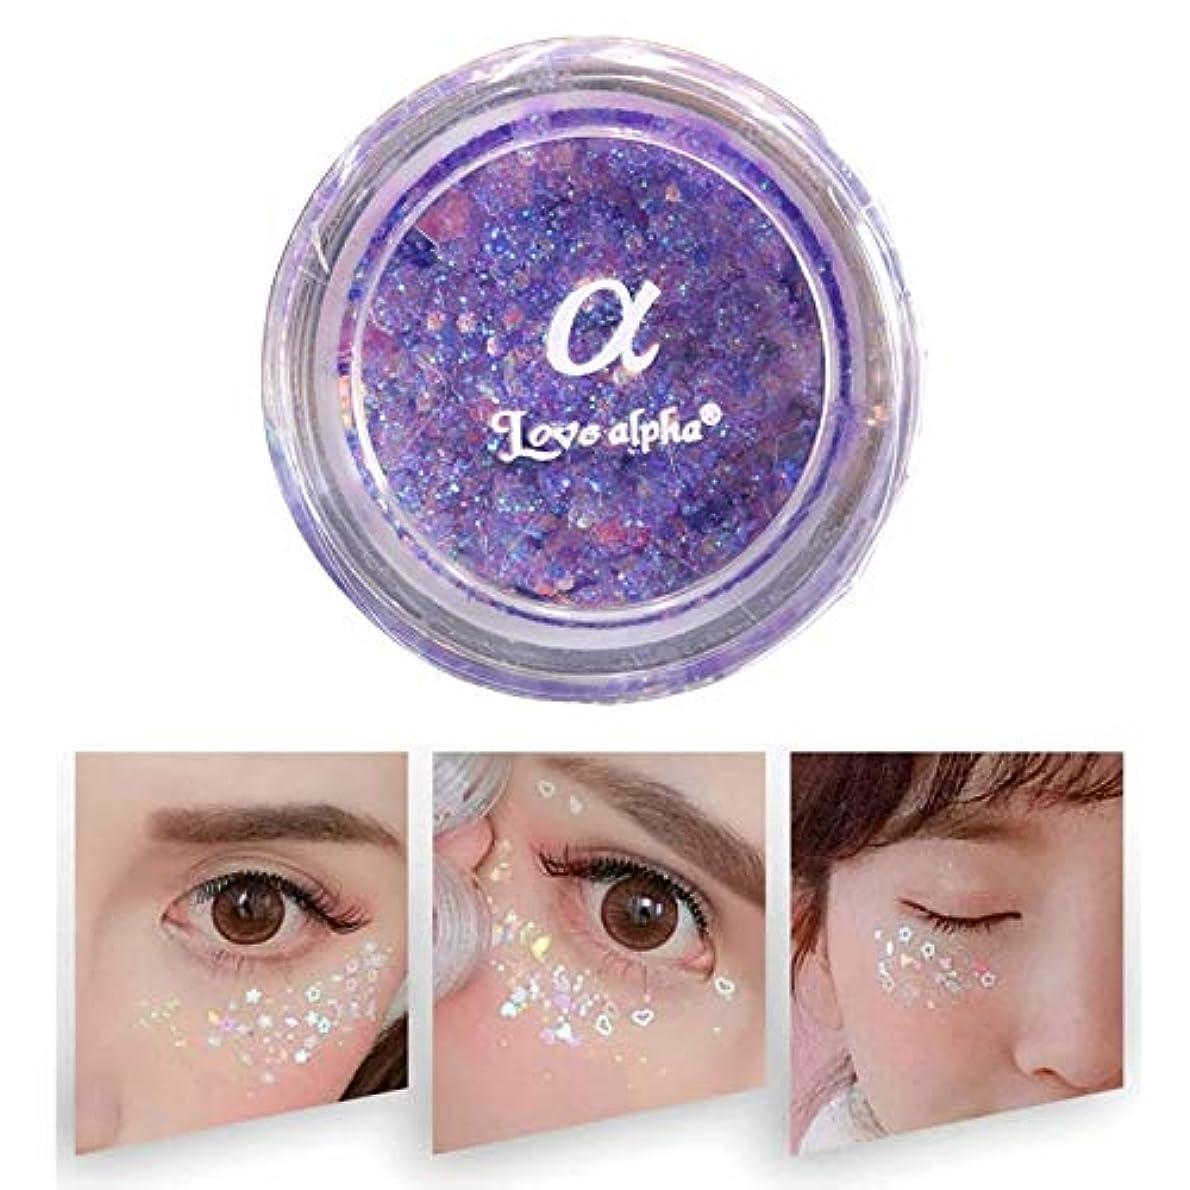 デモンストレーションレイバッグ美容アクセサリー モノクロアイシャドー真珠光沢のある高光沢ステージスパンコールメイクフリーのりグリッターパウダー(ピンク) 写真美容アクセサリー (色 : 紫の)